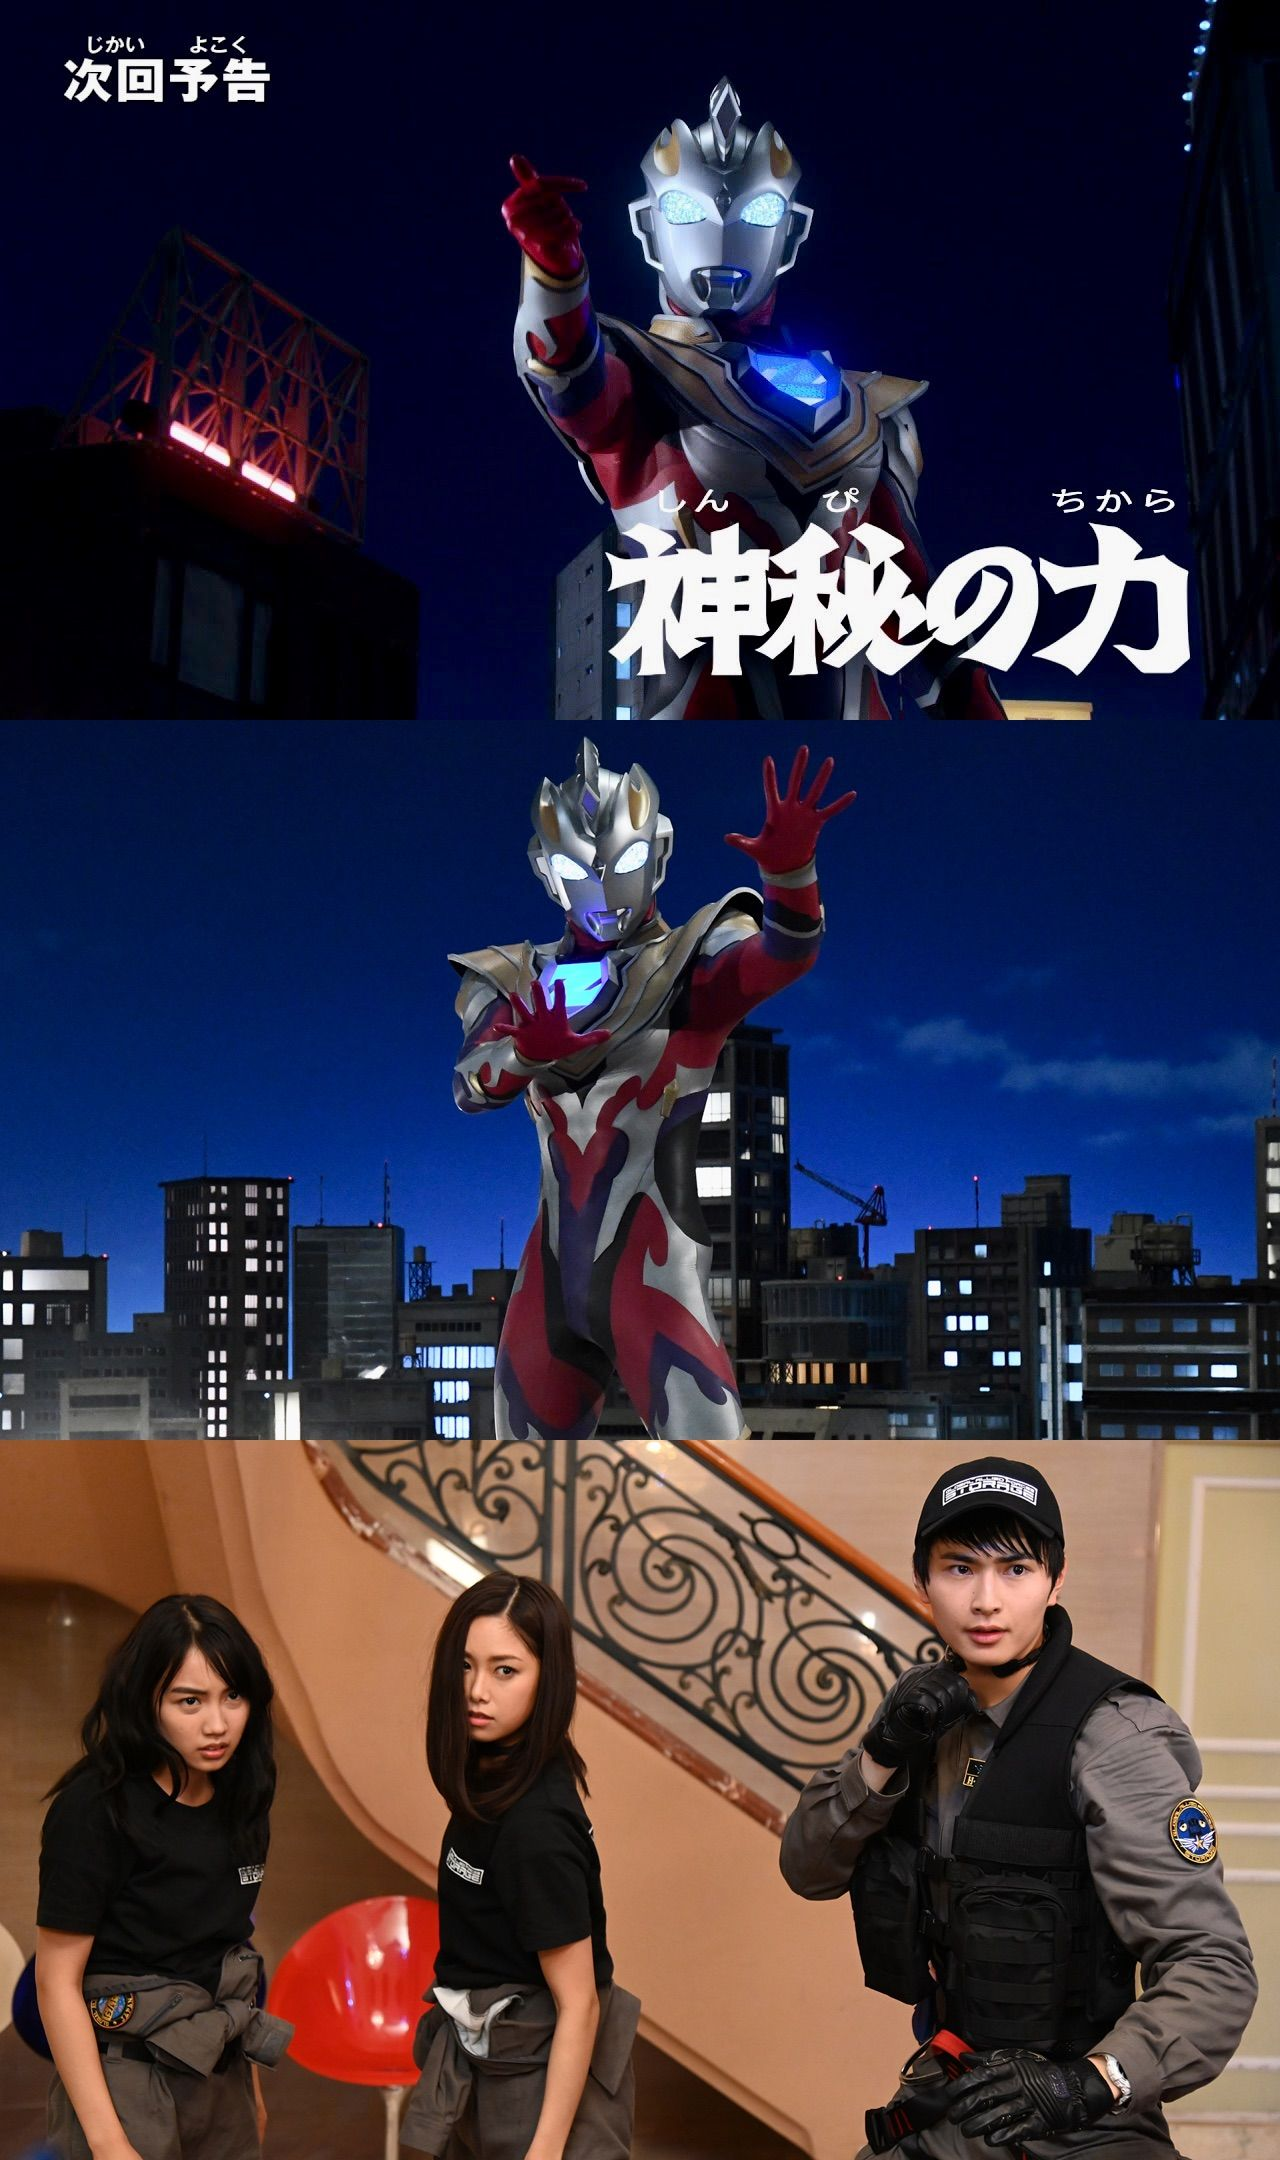 ウルトラマンゼット 第8話 神秘の力 ストーリー 8月8日 放送 神秘 ゼット 8月8日